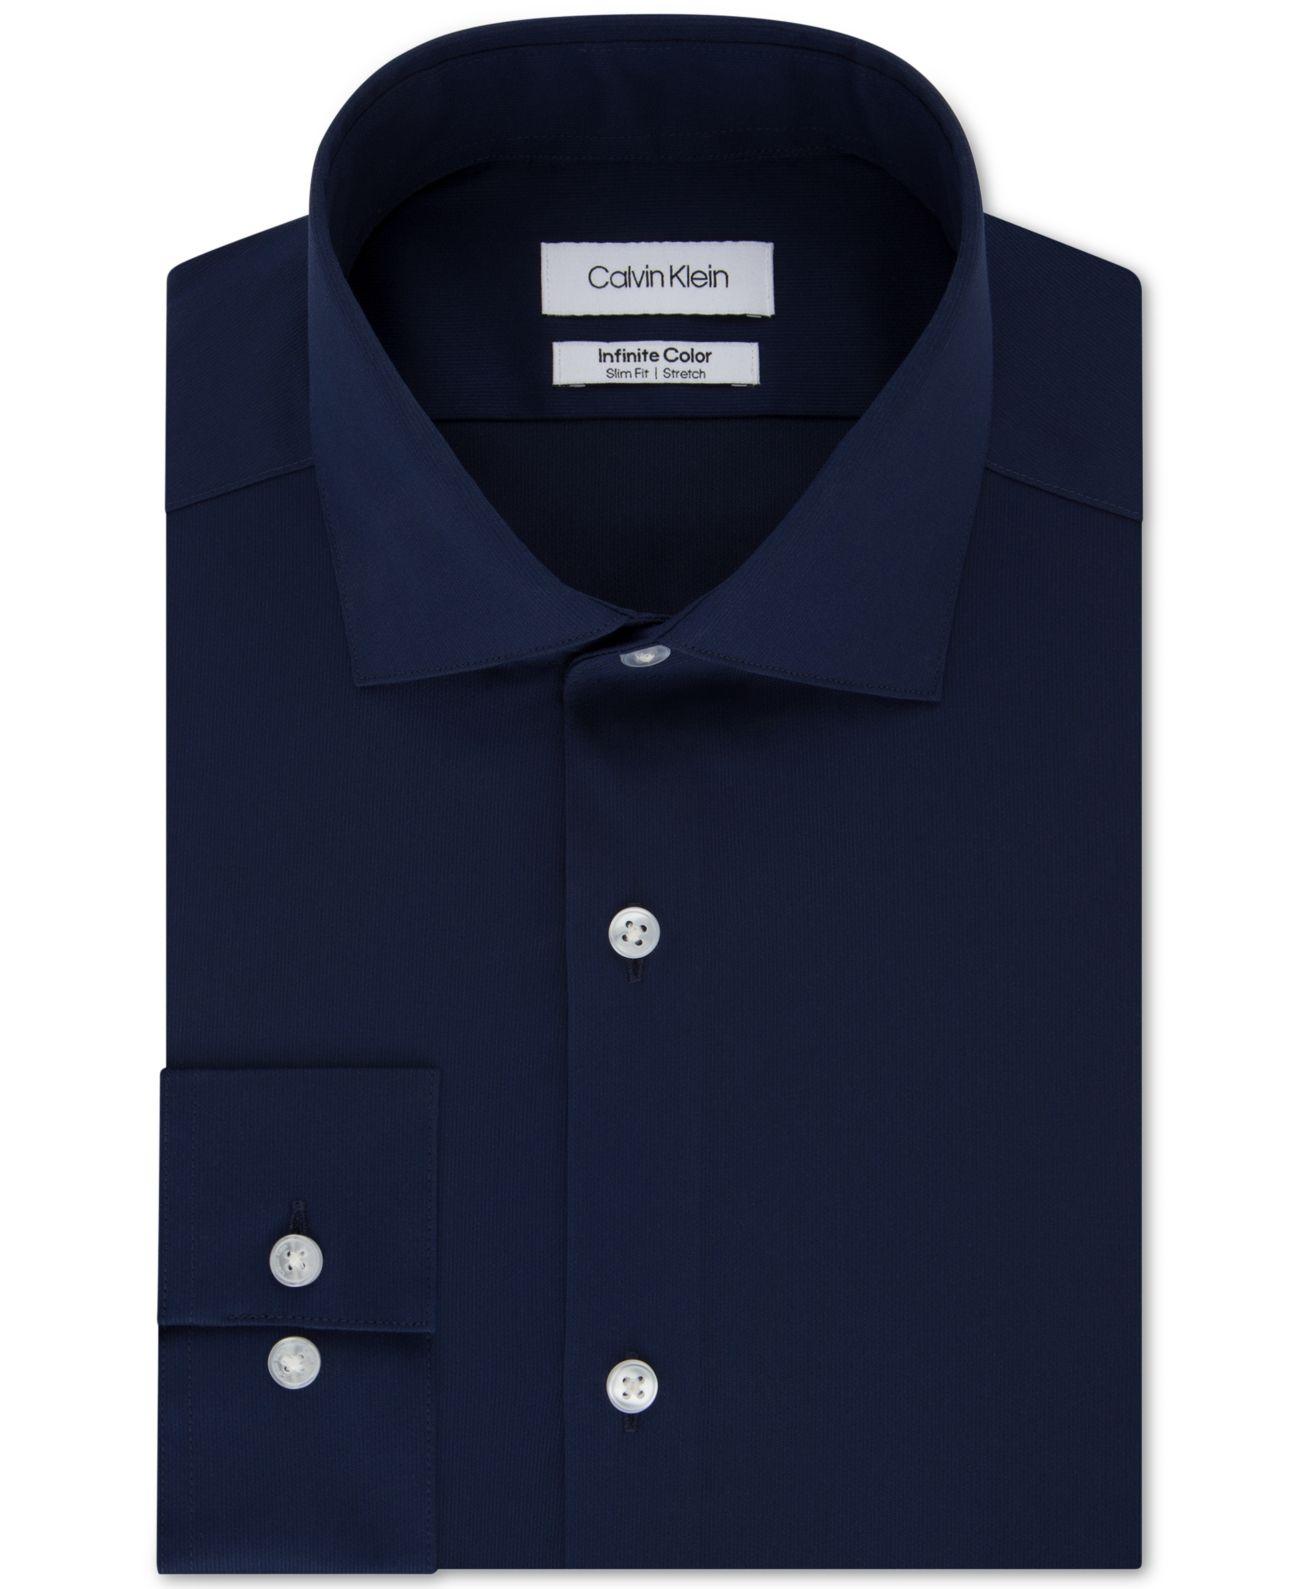 Calvin Klein Mens Dress Shirt Midnight Blue Size XL Collar Button Down